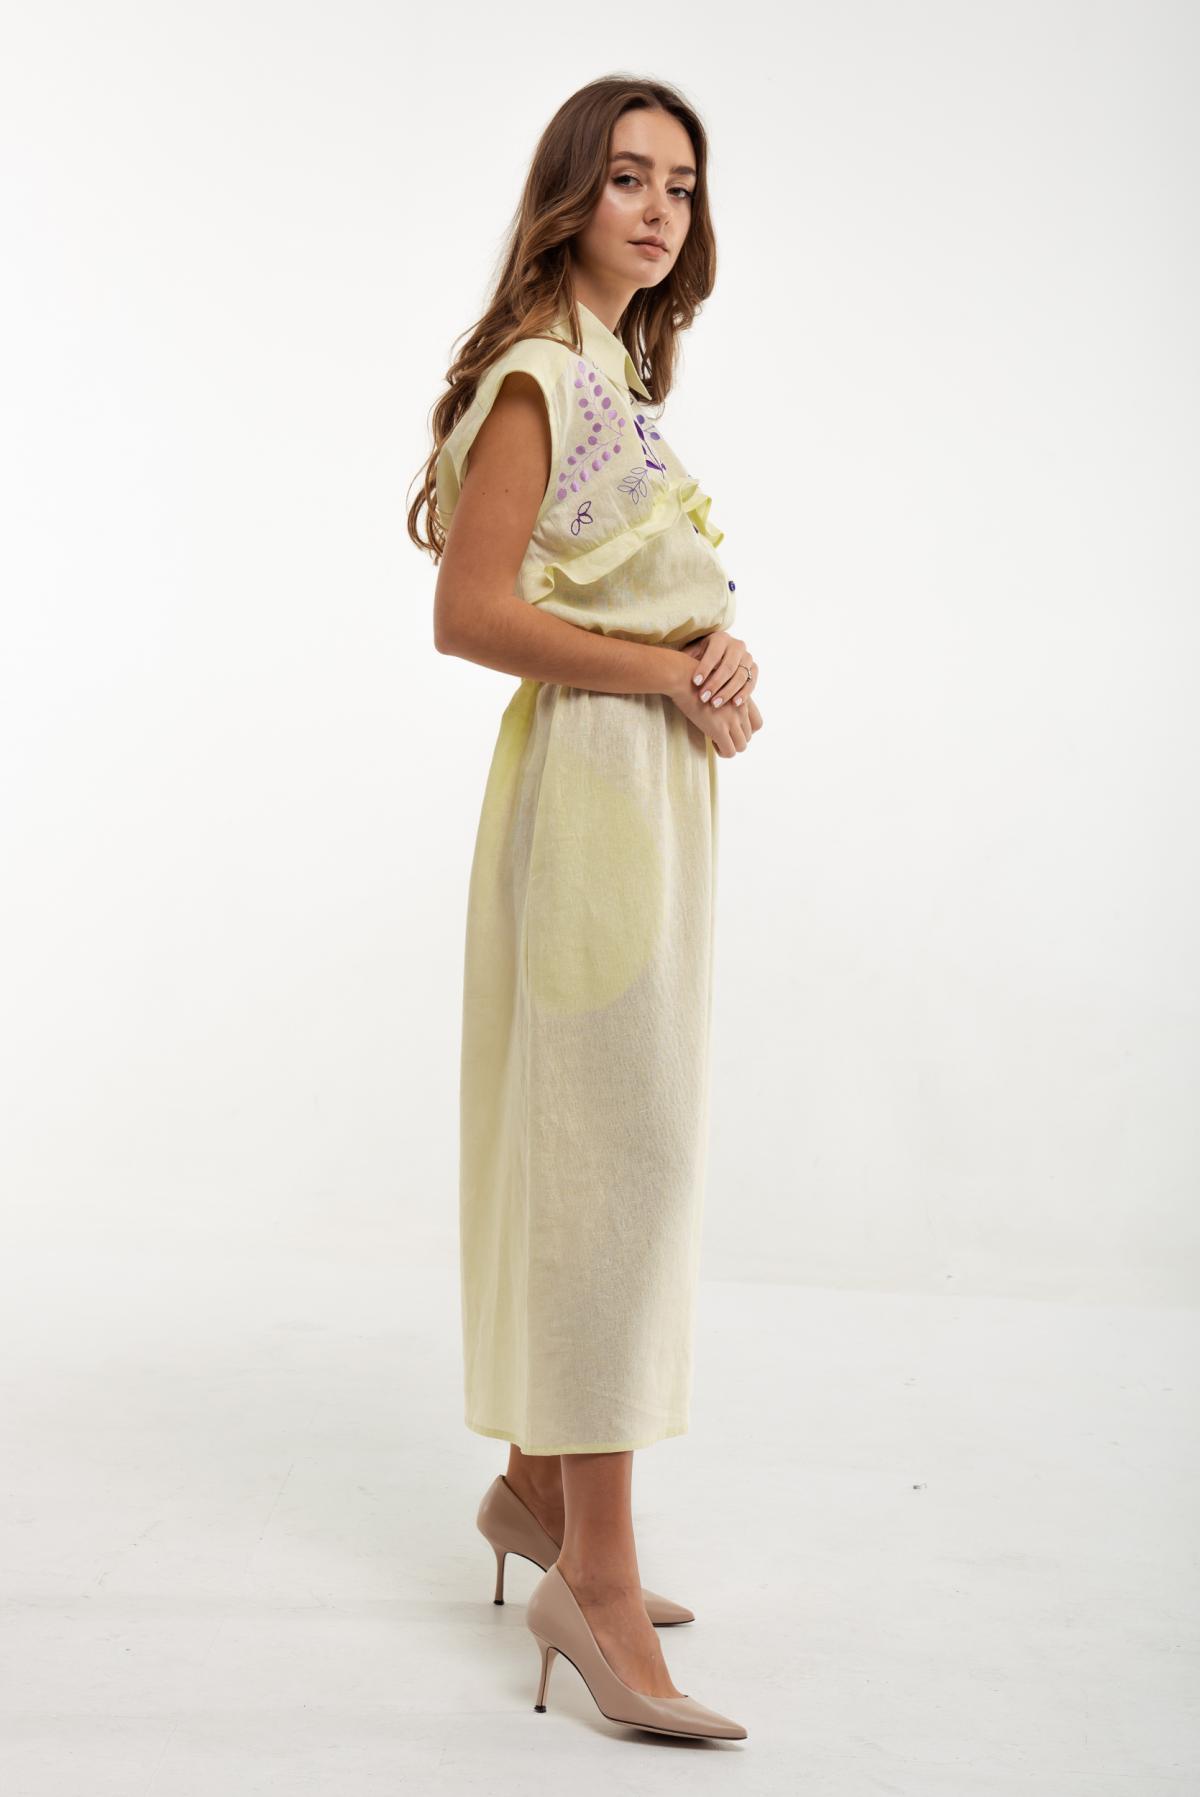 Вышитое платье Соцветия желтое. Фото №2. | Народный дом Украина